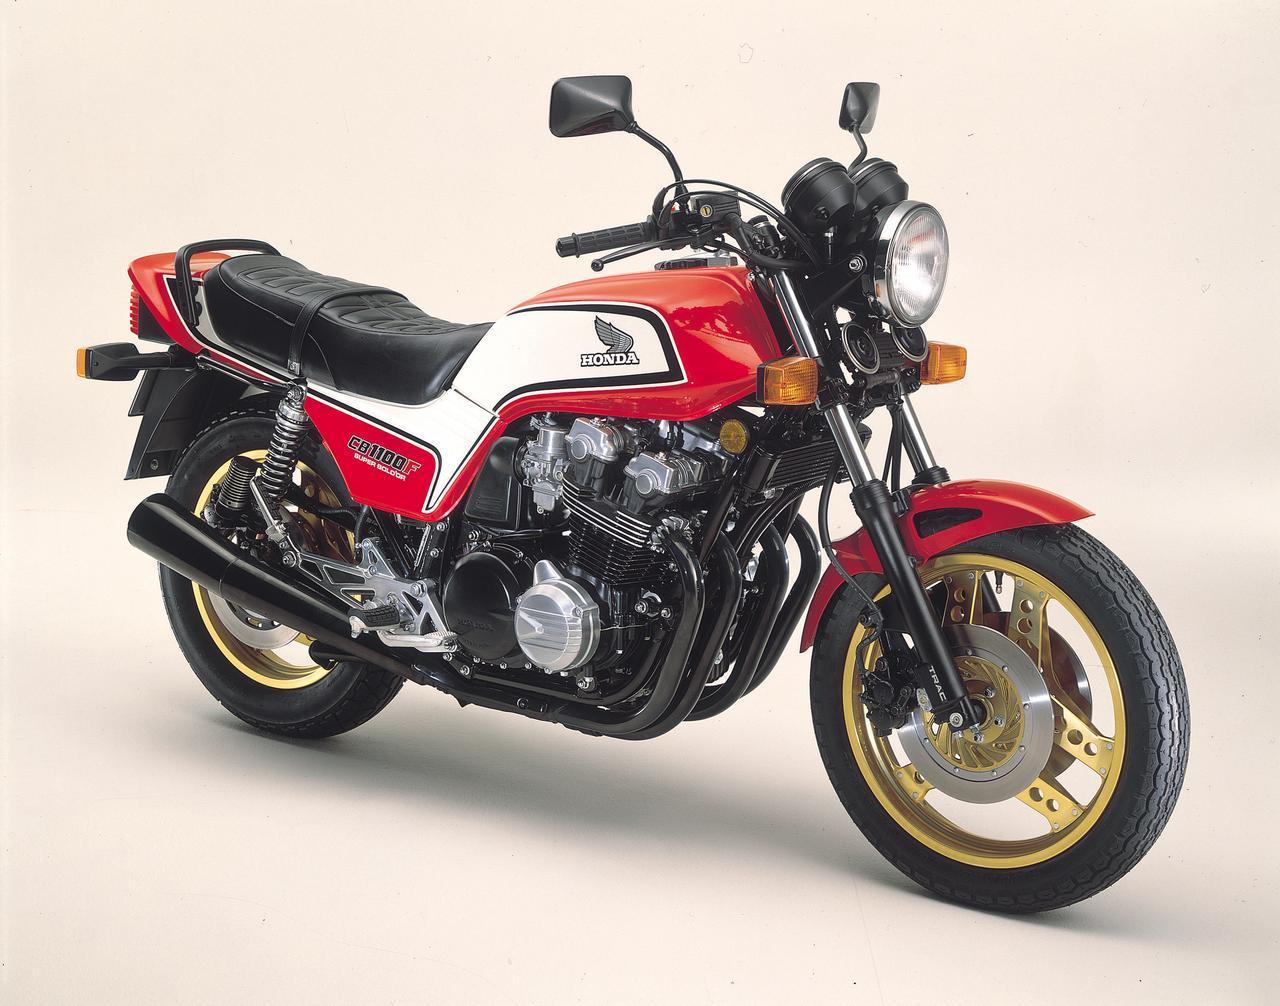 画像: CB1100F(1983) CB1100Rのエンジンを一般ユース向けにモディファイし、角型スイングアームなどを装備したCB900Fベースの車体に組み合わせたCB-Fシリーズの最終型。翌年からホンダの主力スポーツがV4エンジンに移行したため、わずか1年の生産となった。